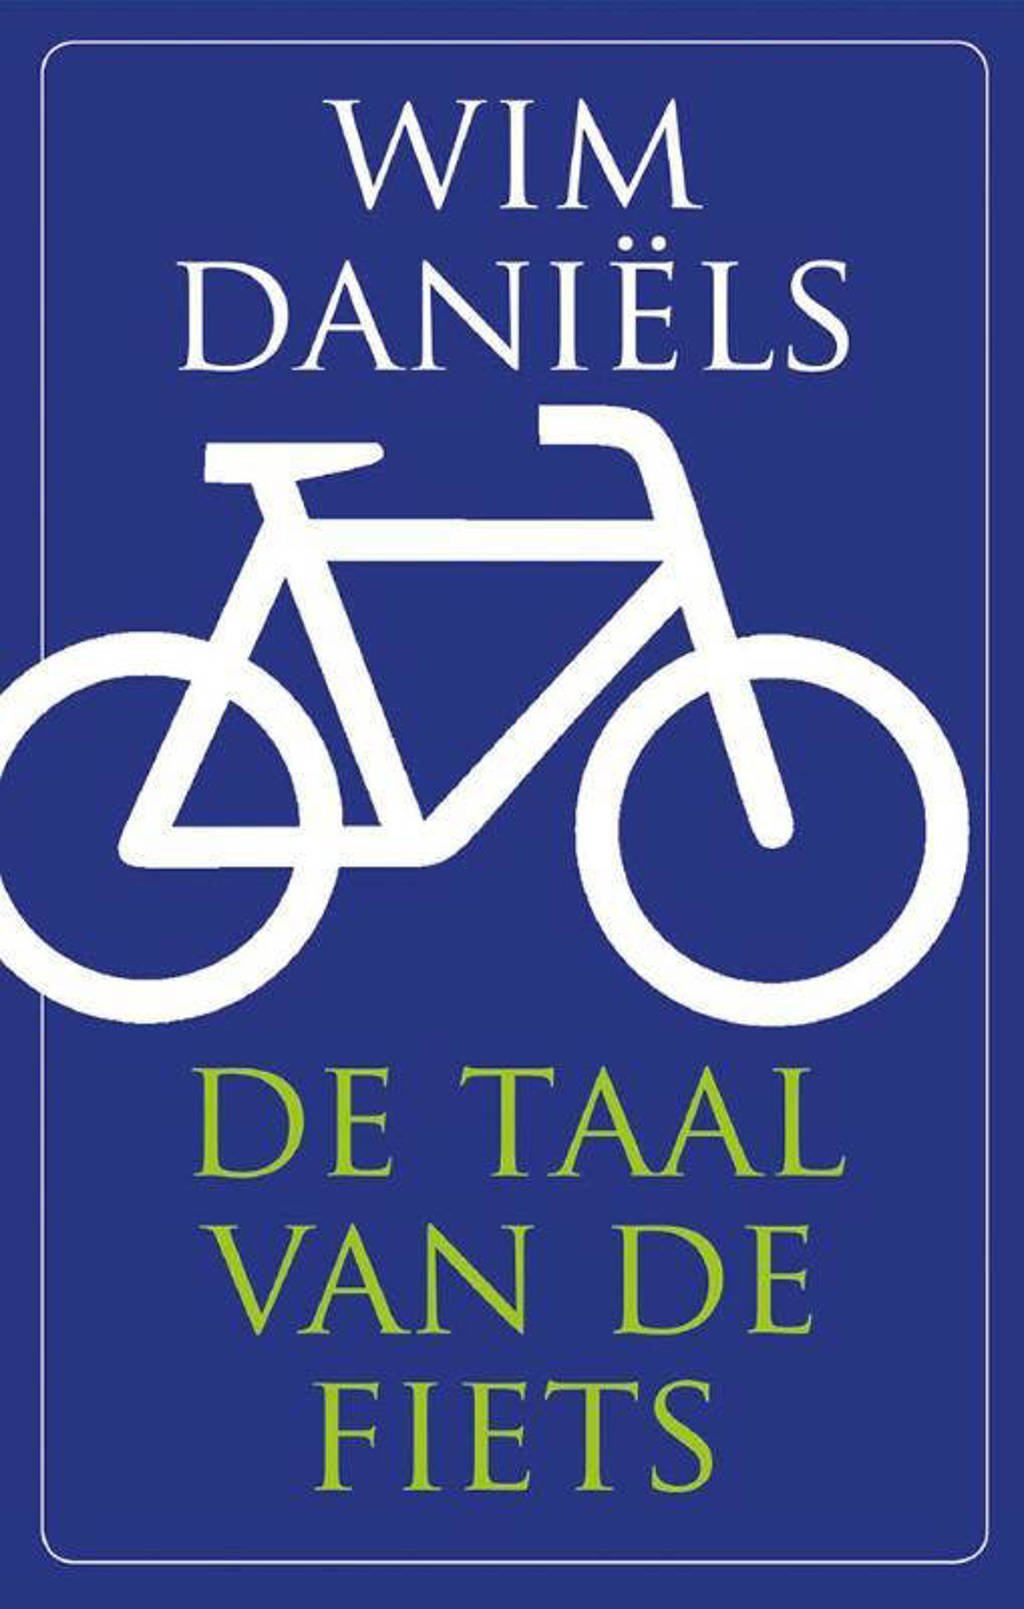 De taal van de fiets - Wim Daniëls